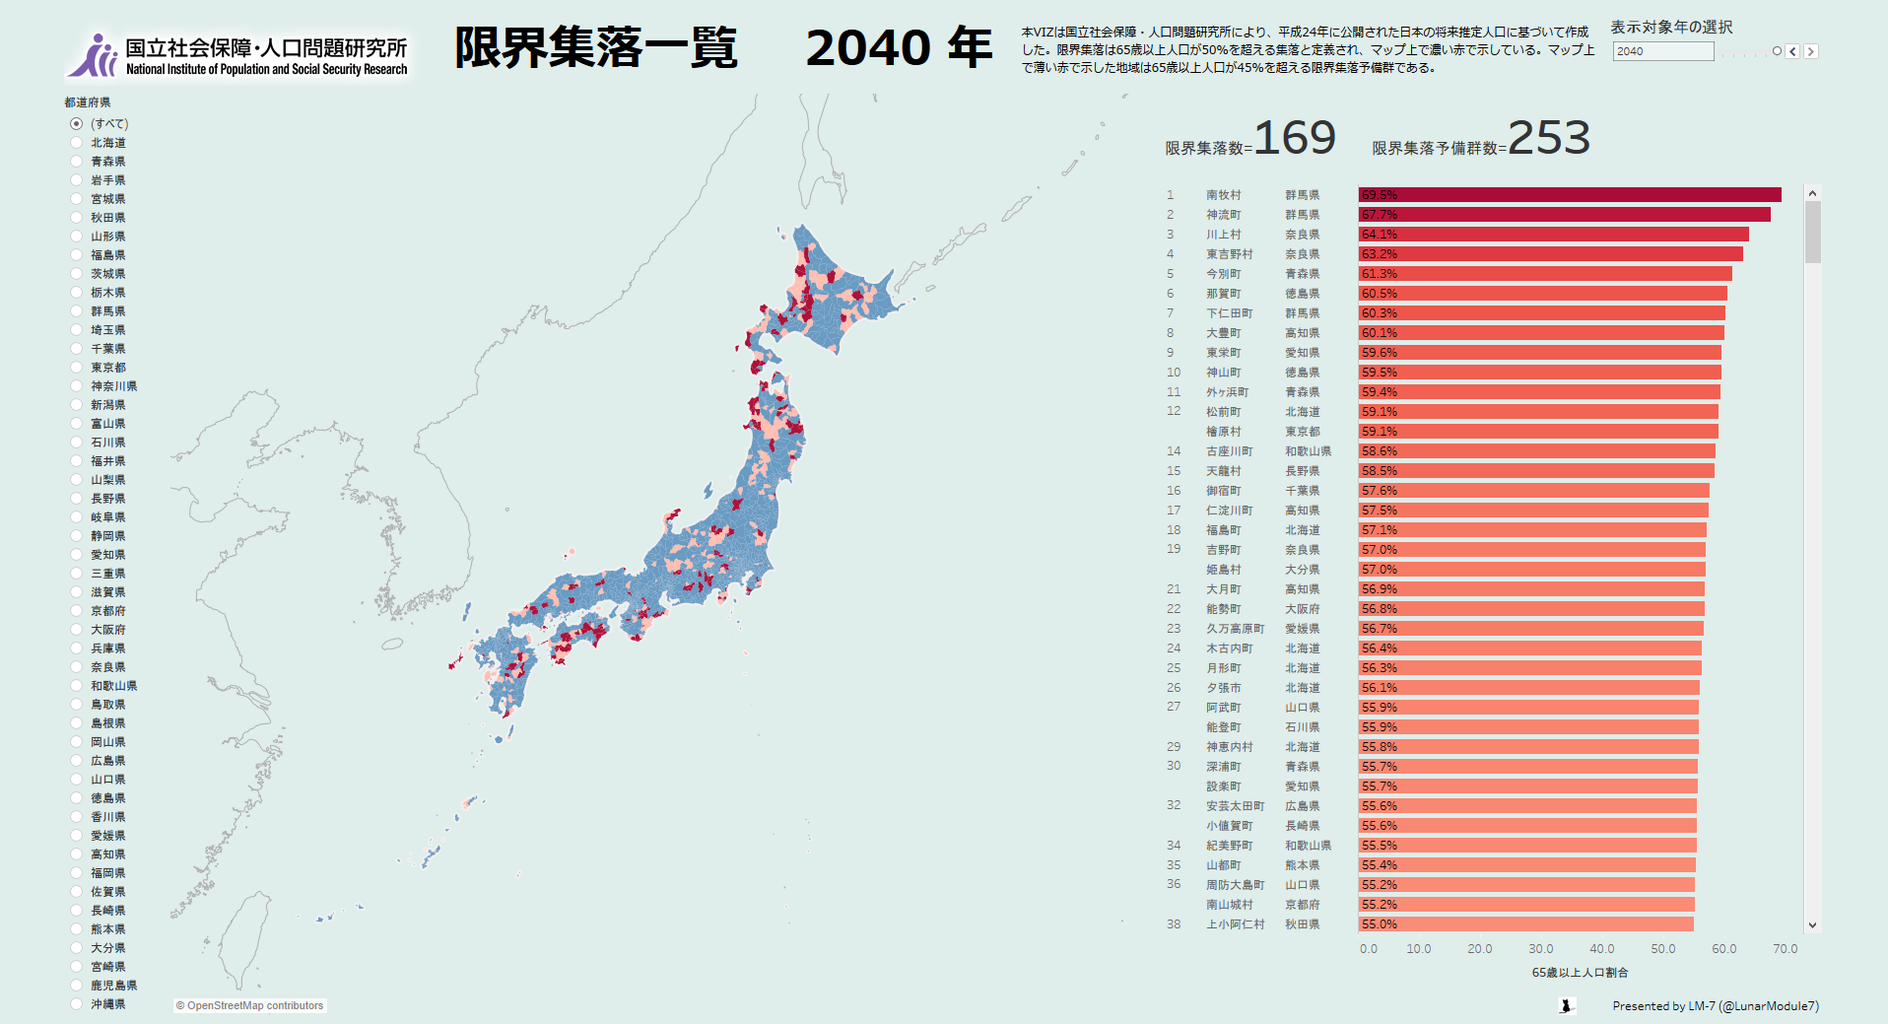 限界集落マップ2010-2040